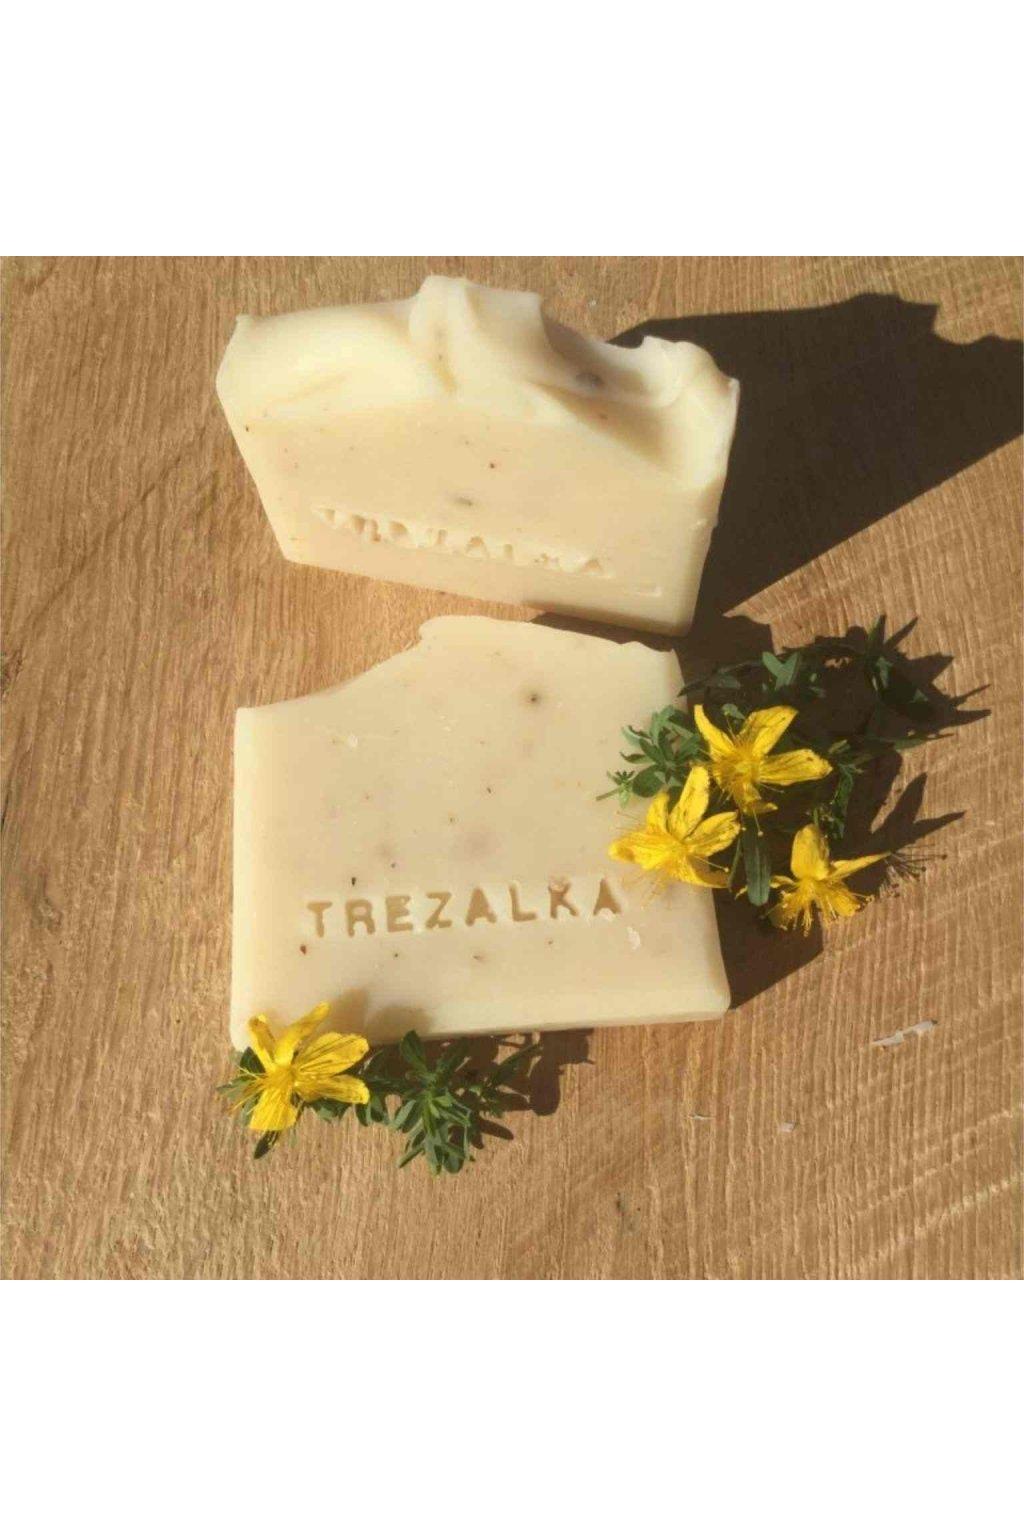 prirodni mydlo trezalka ze sumavy mydlenka (2)